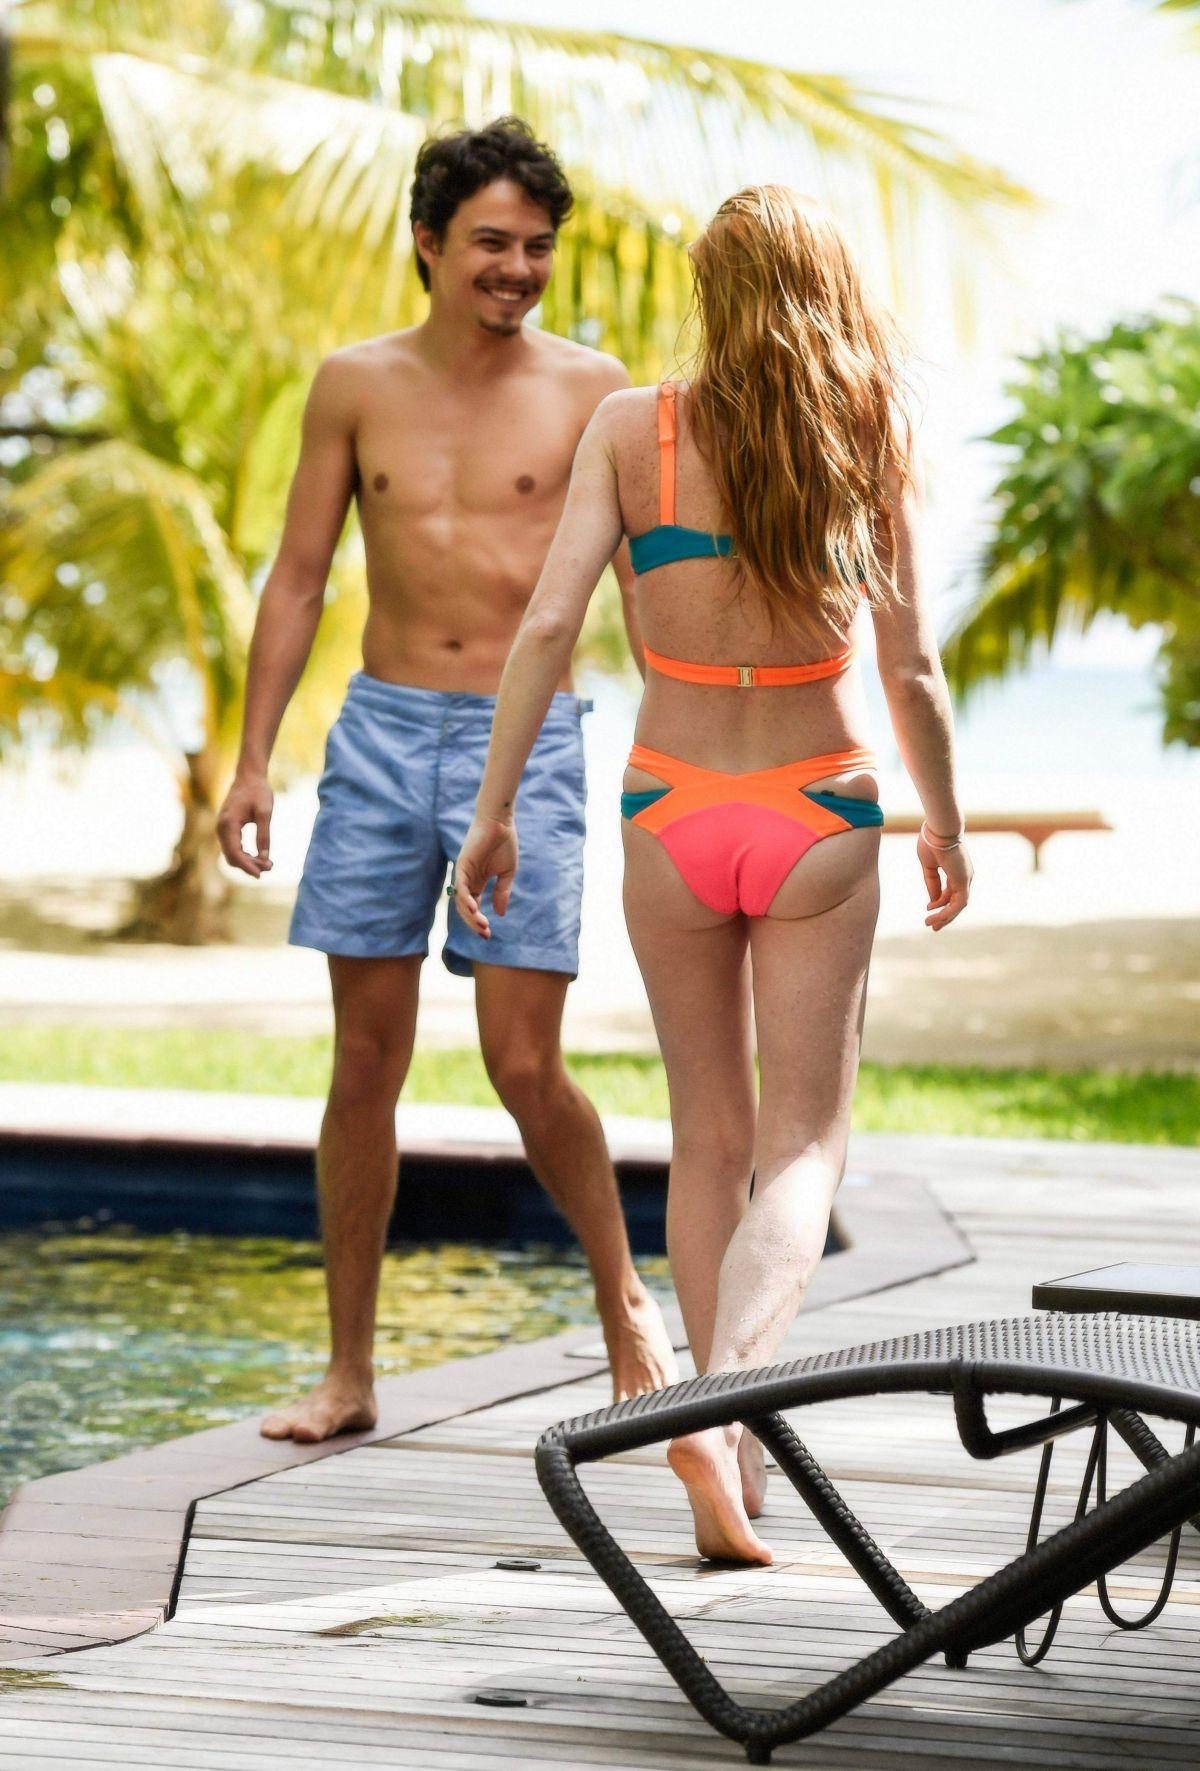 Bikini in lindsay lohan picture